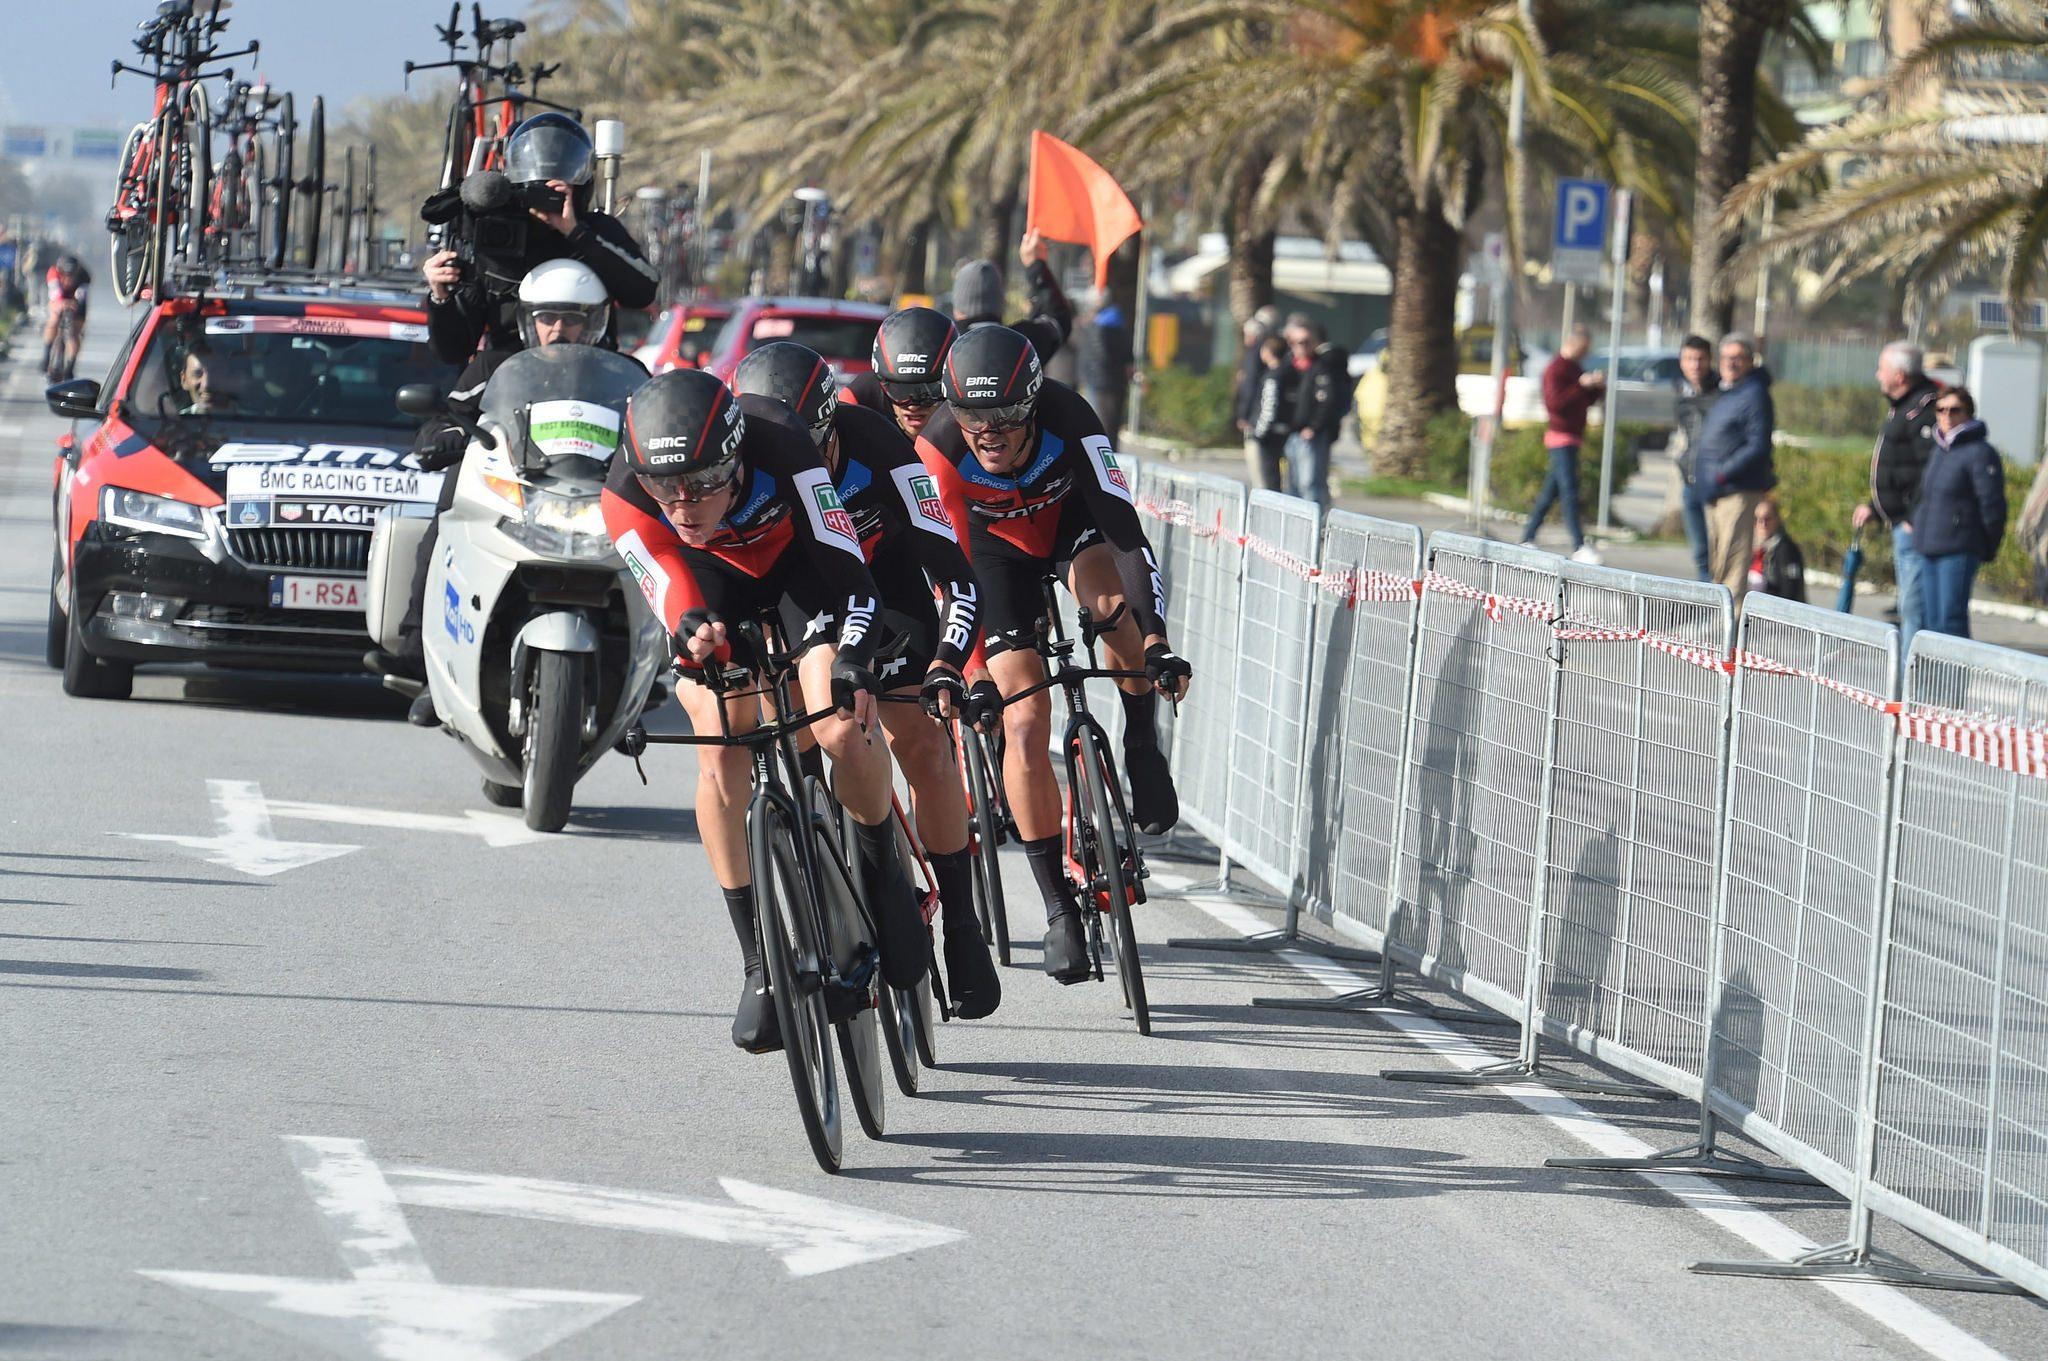 BMC Racing Team третий год подряд выигрывает TTT на велогонке «Тиррено — Адриатико»